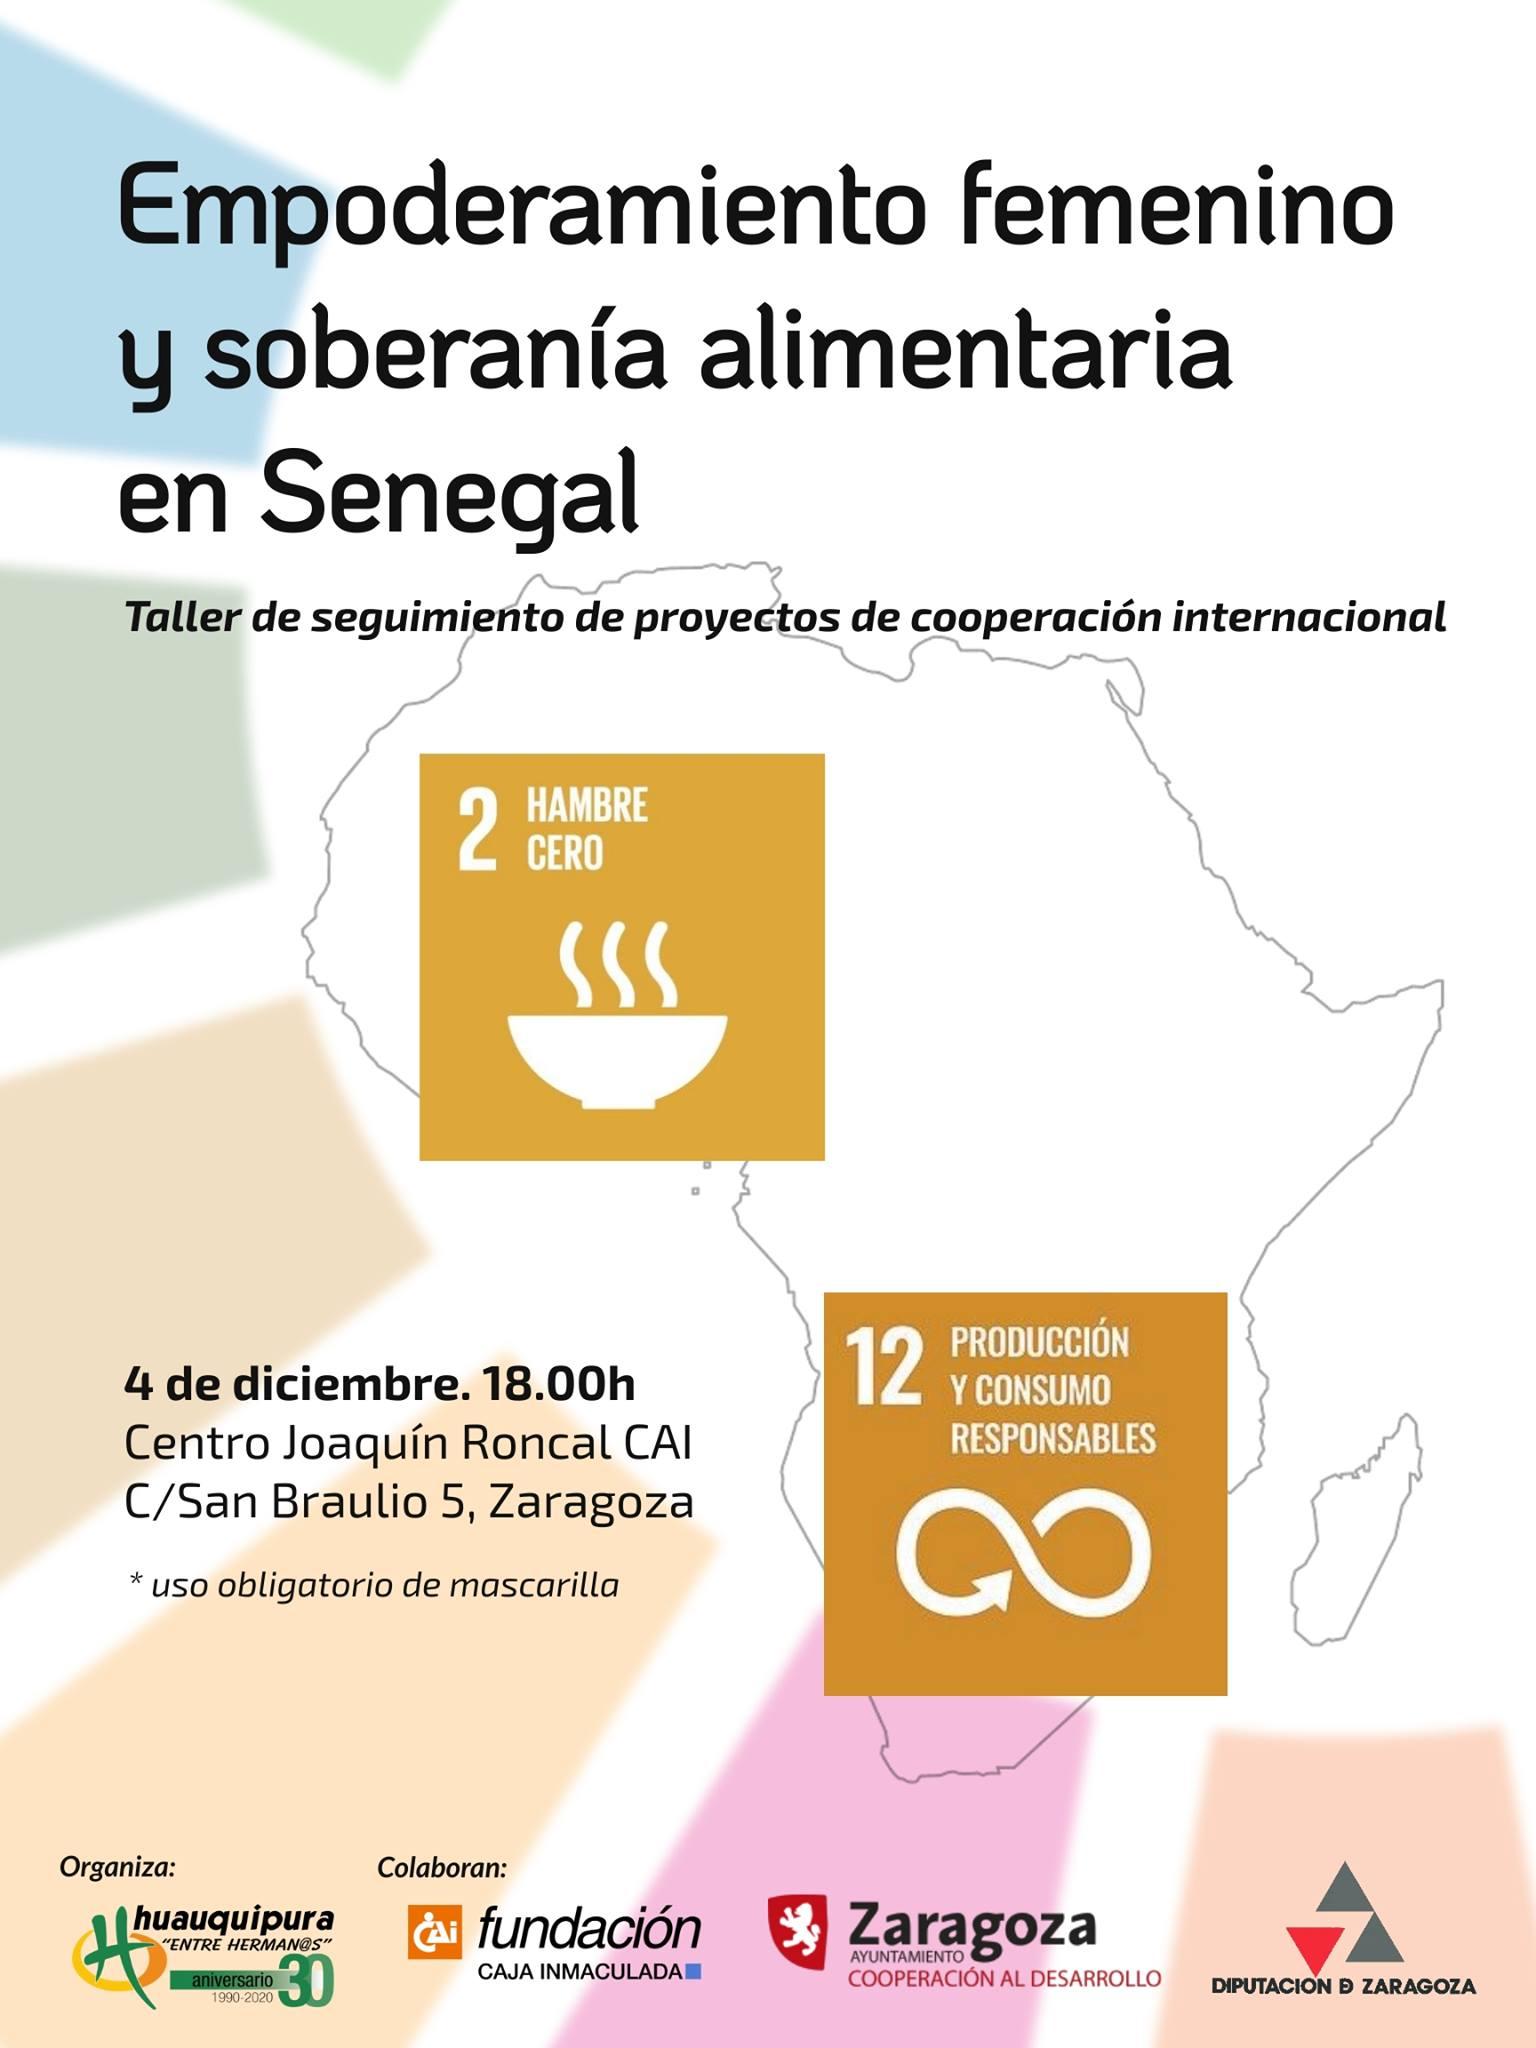 Taller: Empoderamiento femenino y soberanía alimentaria en Senegal